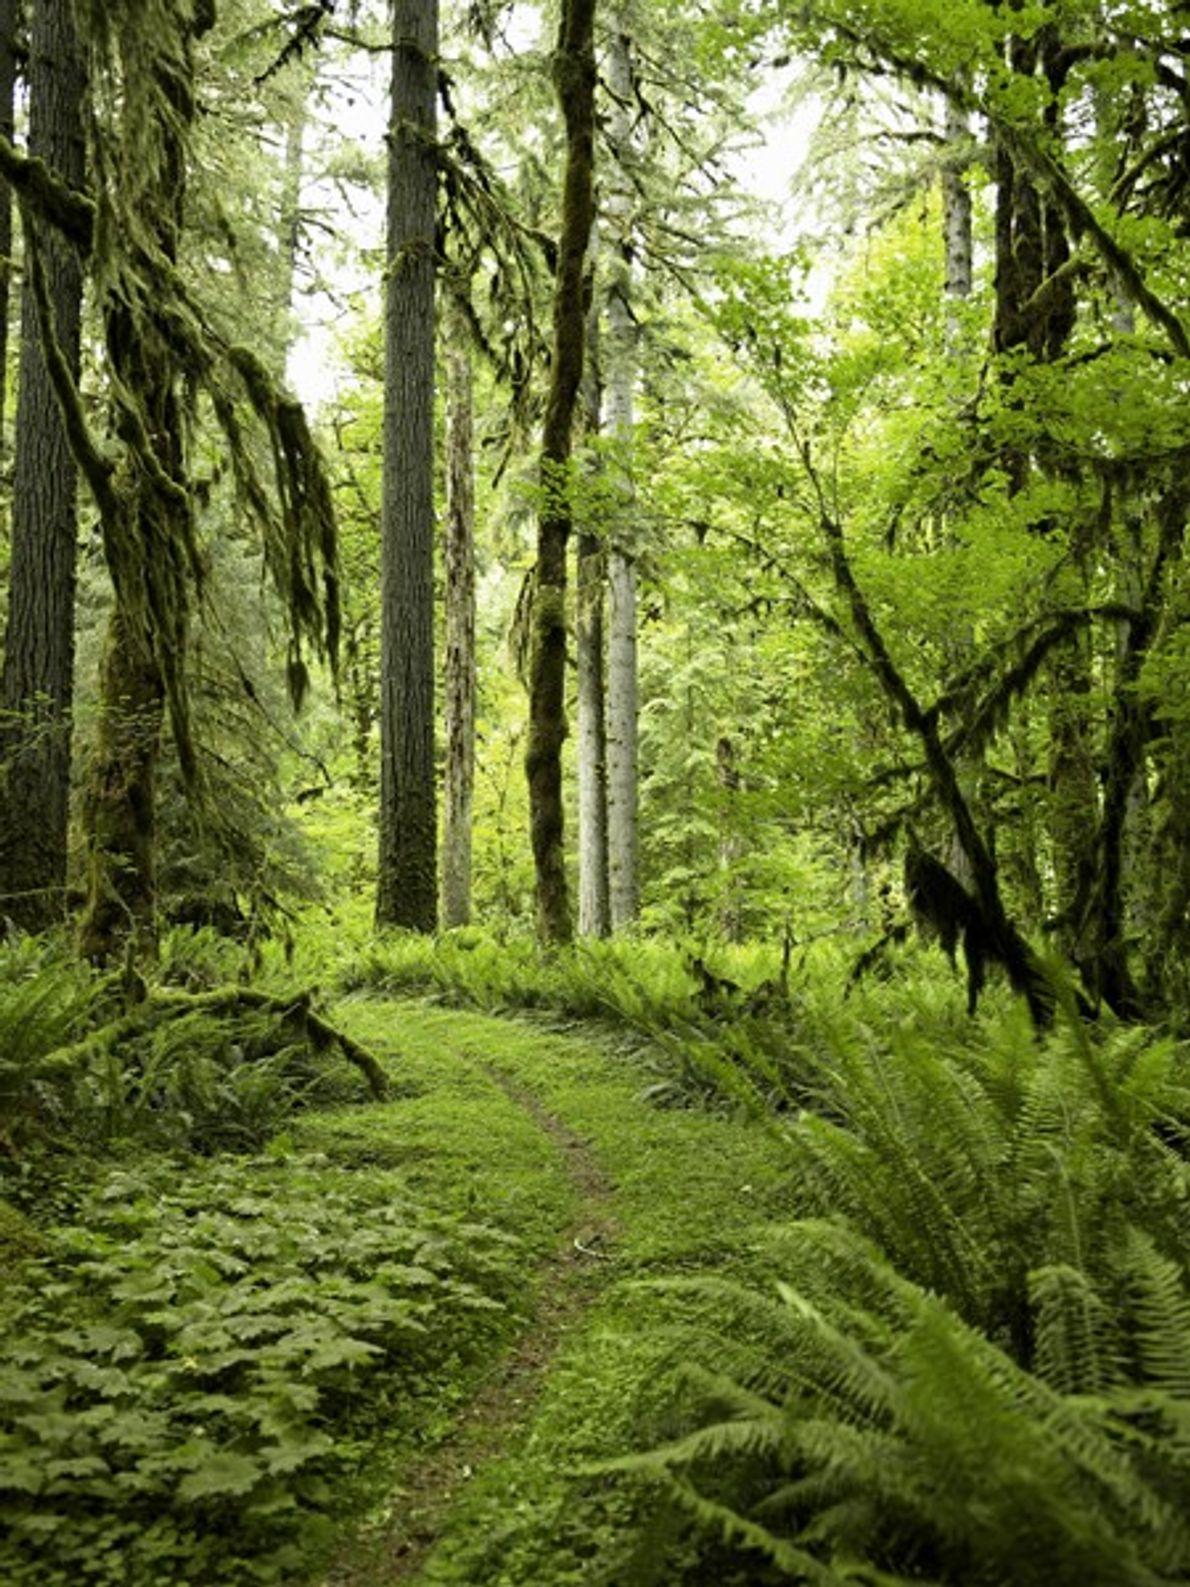 Árvores coníferas cobertas de musgo e fetos povoam Quinault, uma floresta tropical do Pacífico, que integra ...